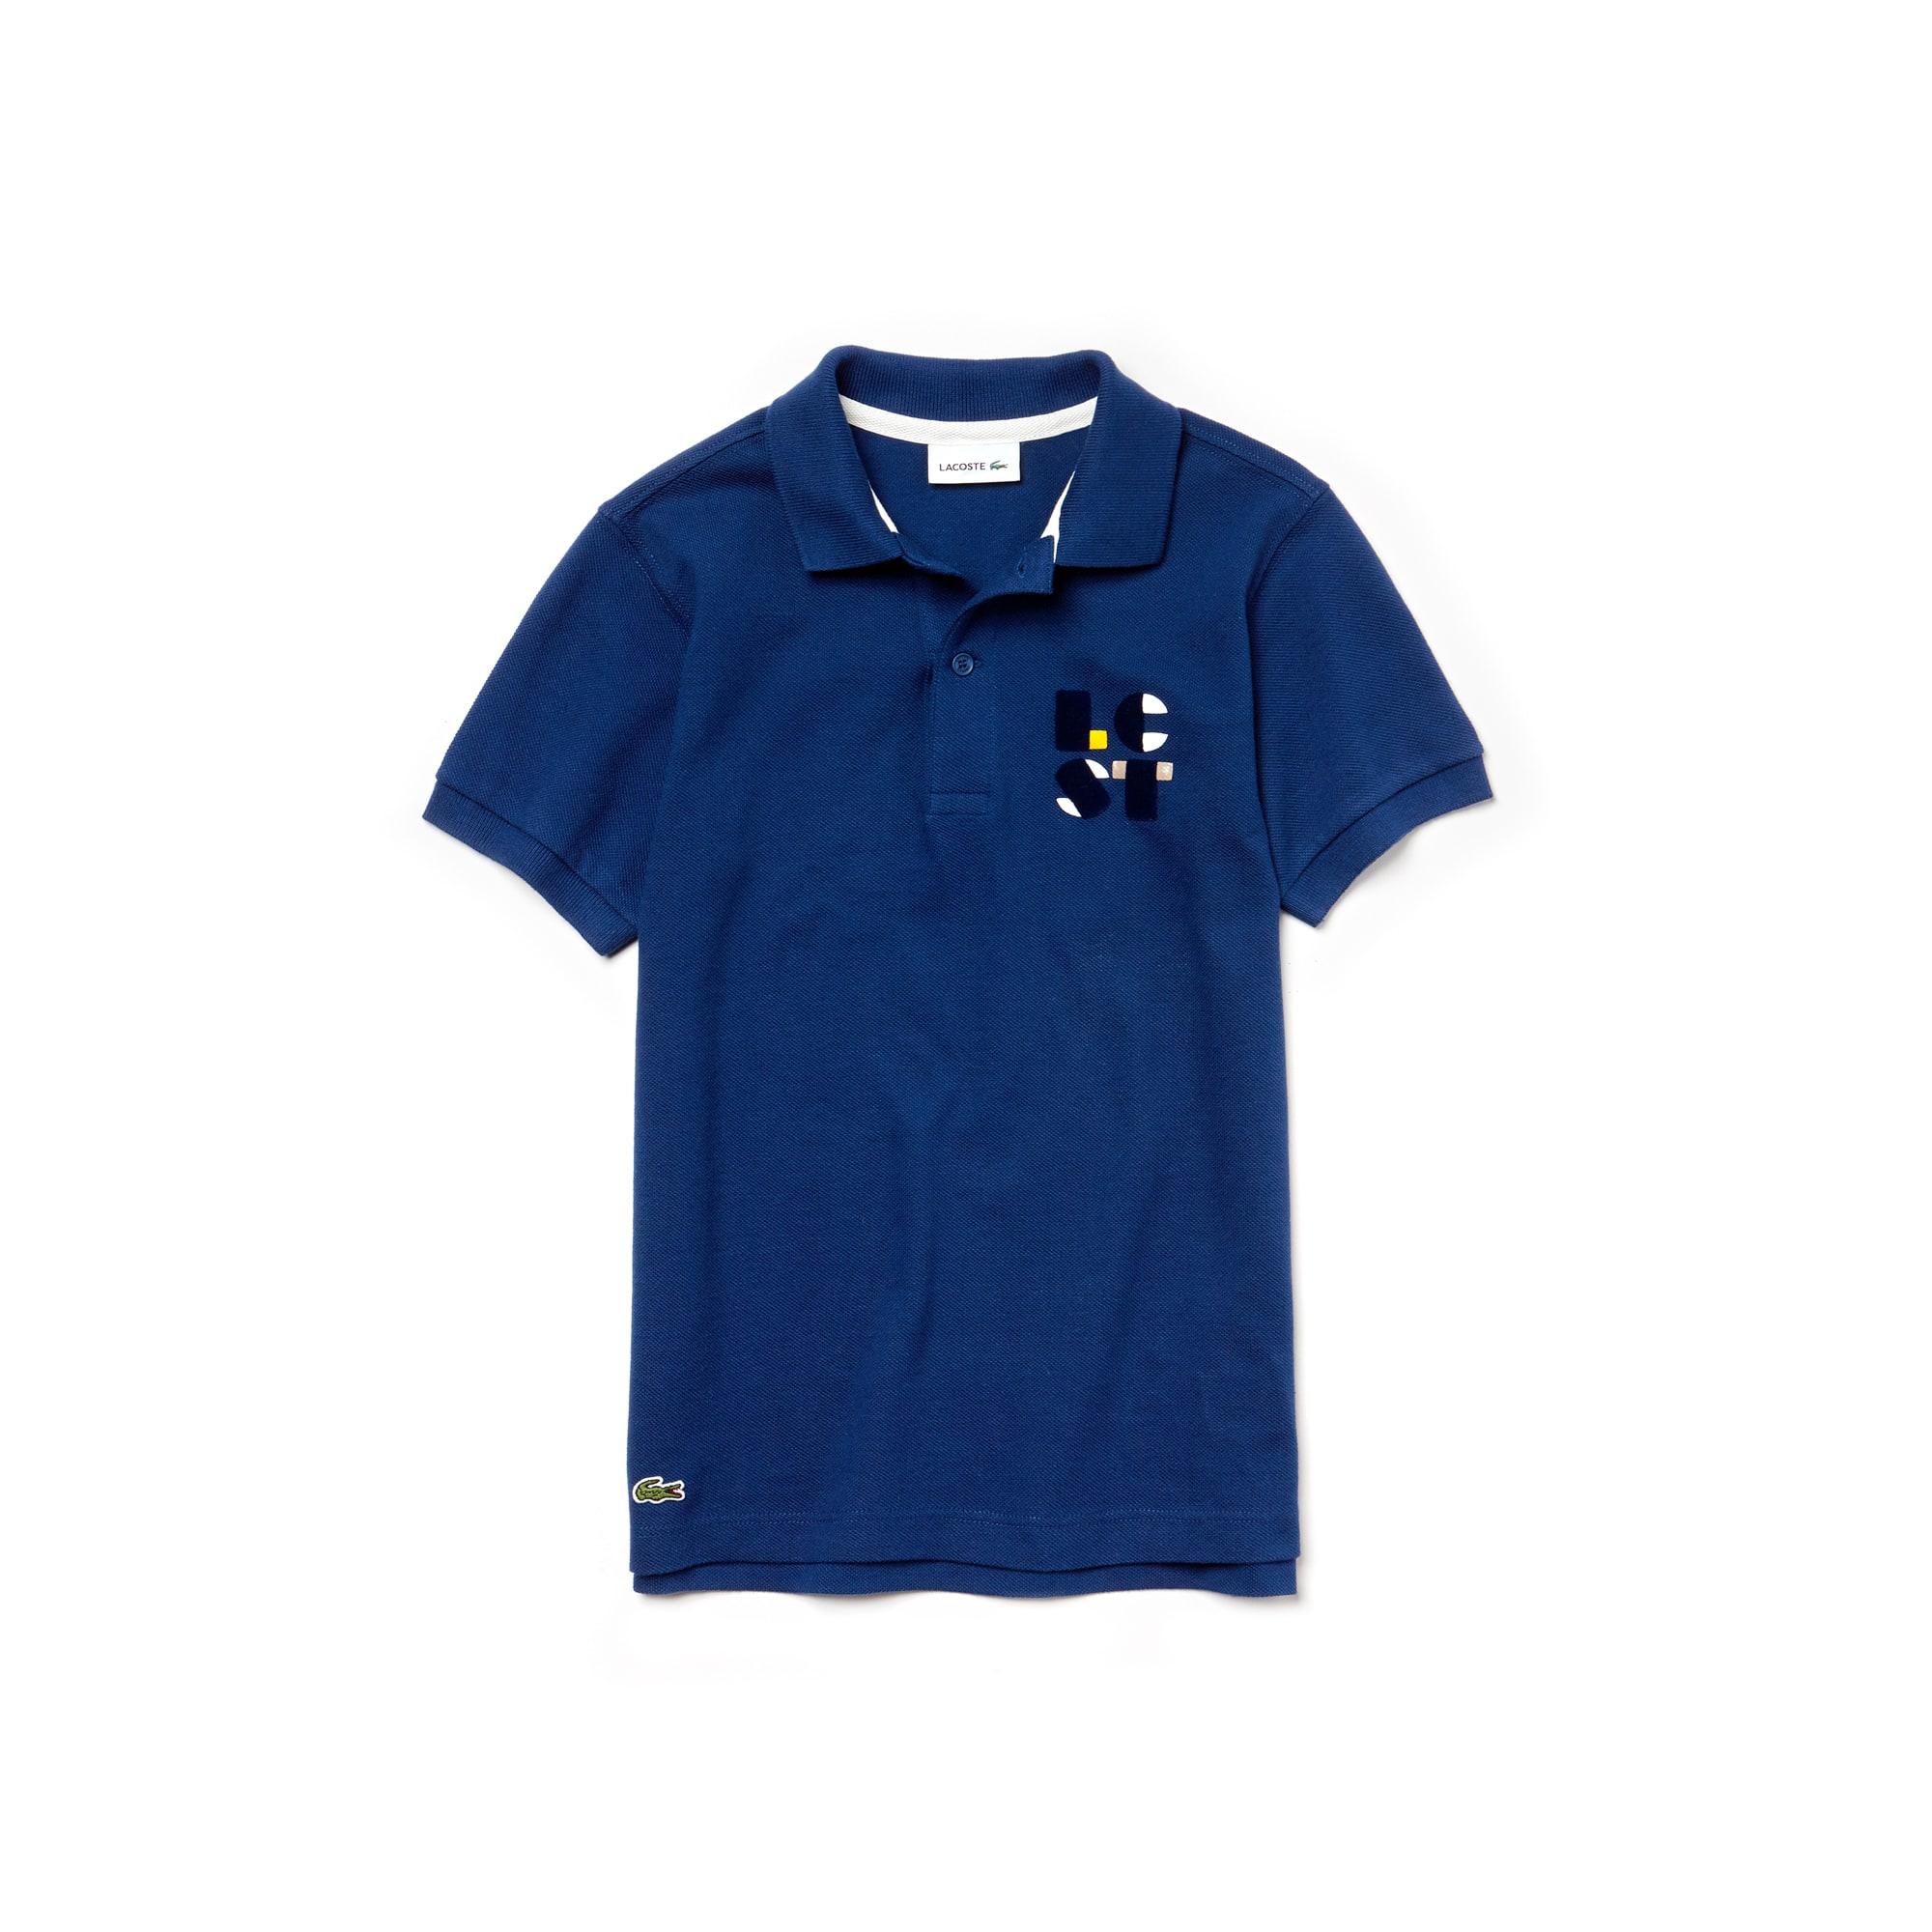 Polo Bambino in petit piqué di cotone con marchio Lacoste